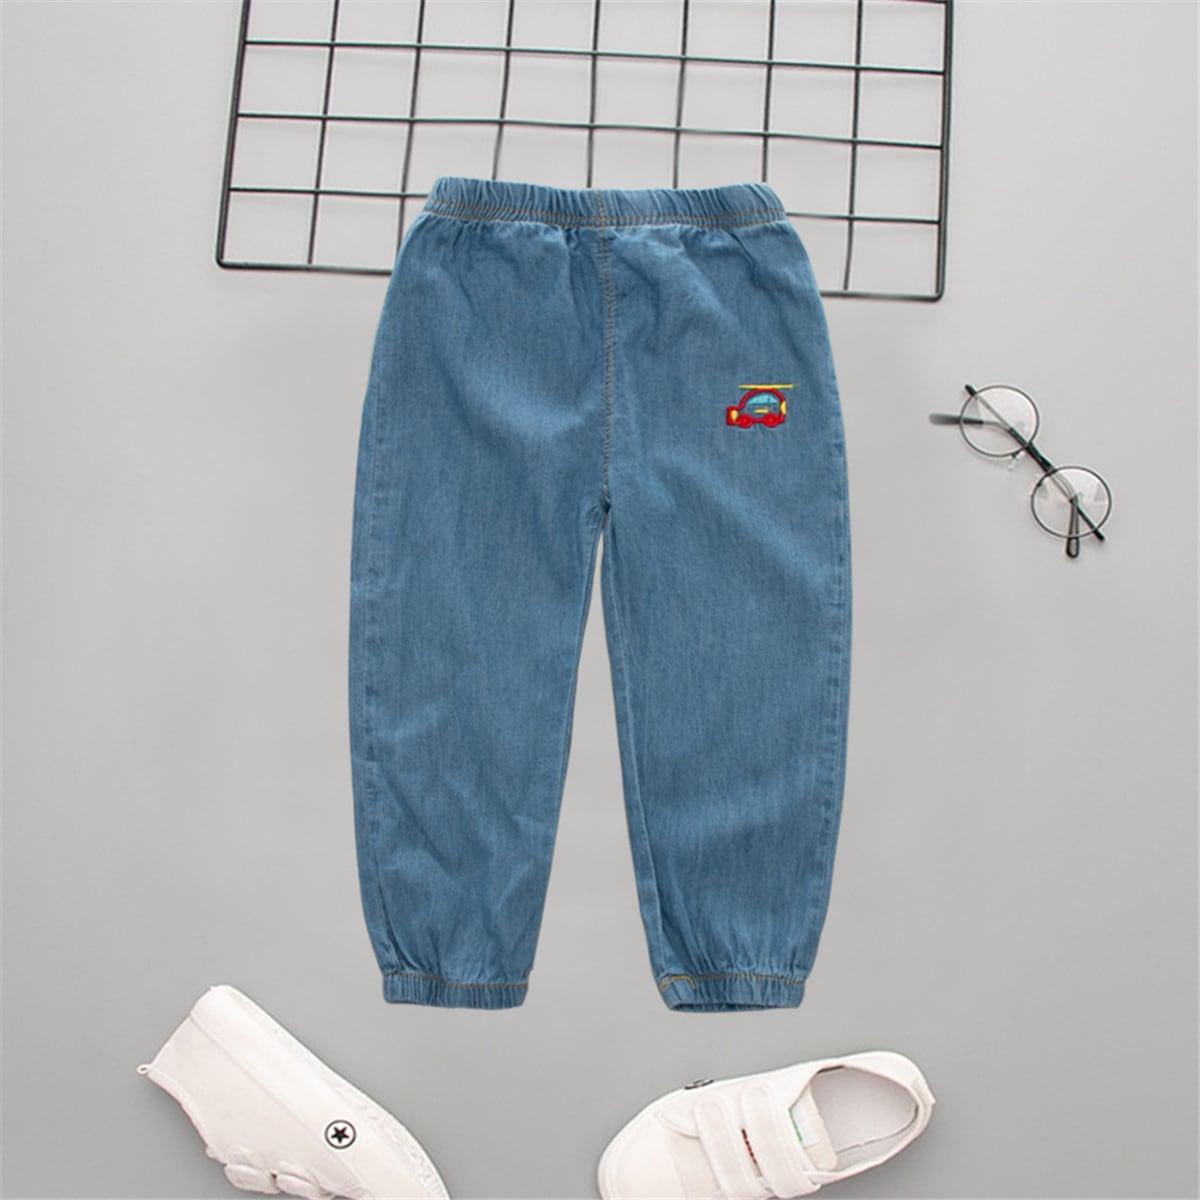 Джинсы с эластичной талией и вышивкой для мальчиков от SHEIN